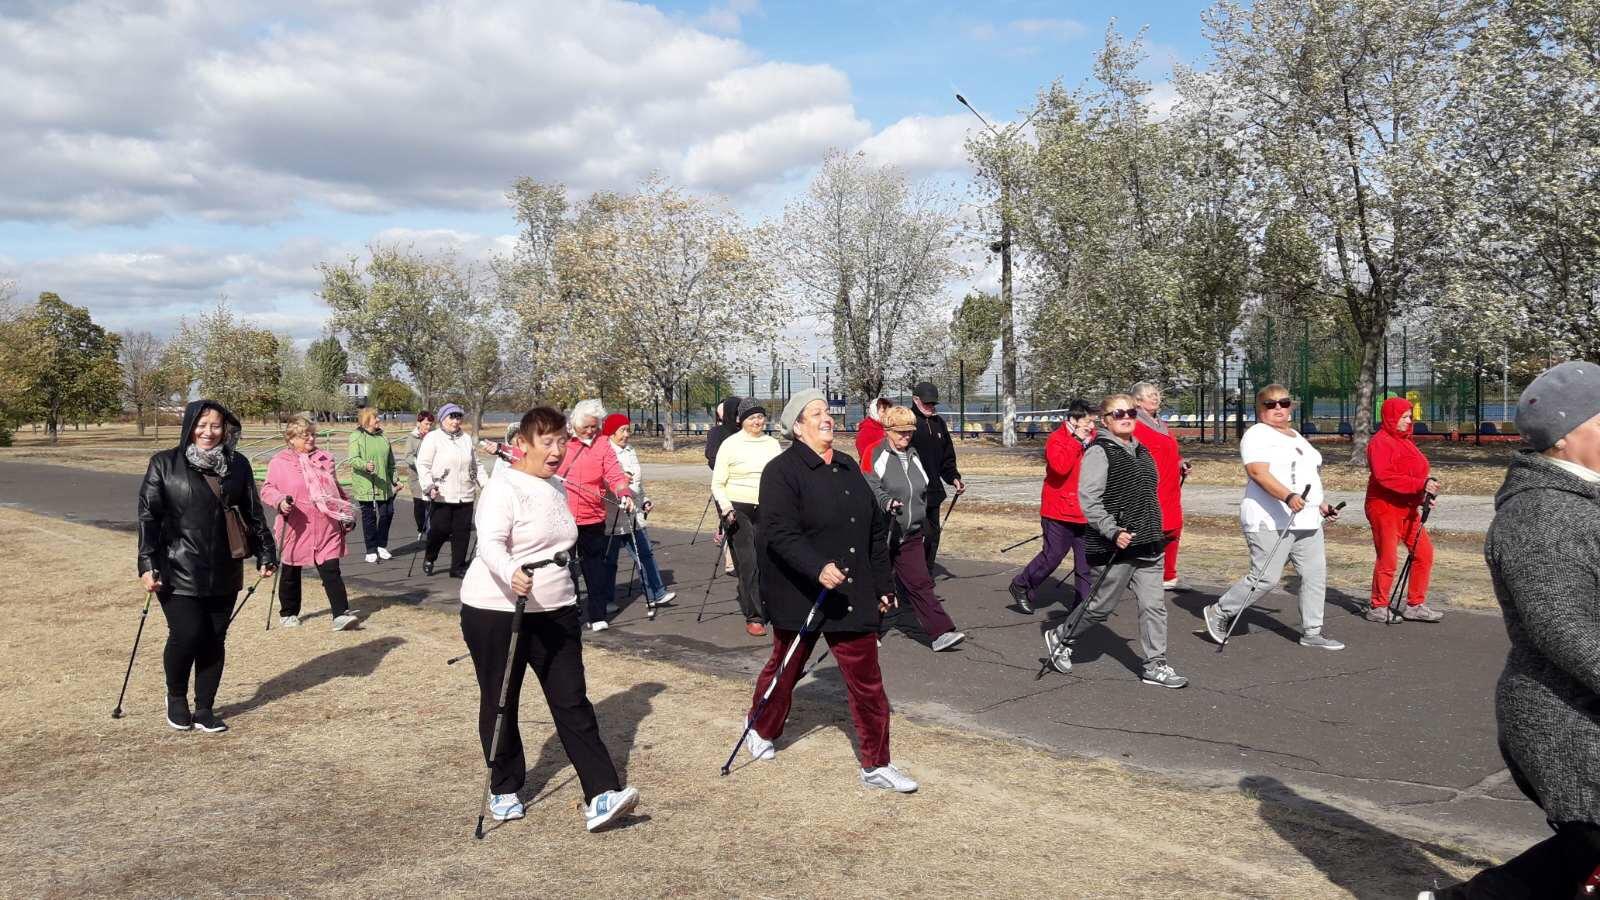 В Українці пенсіонери з палицями в руках відсвяткували День людей похилого віку -  - 378BB4FD 9EC6 45C3 98C6 54DCF34F4D41